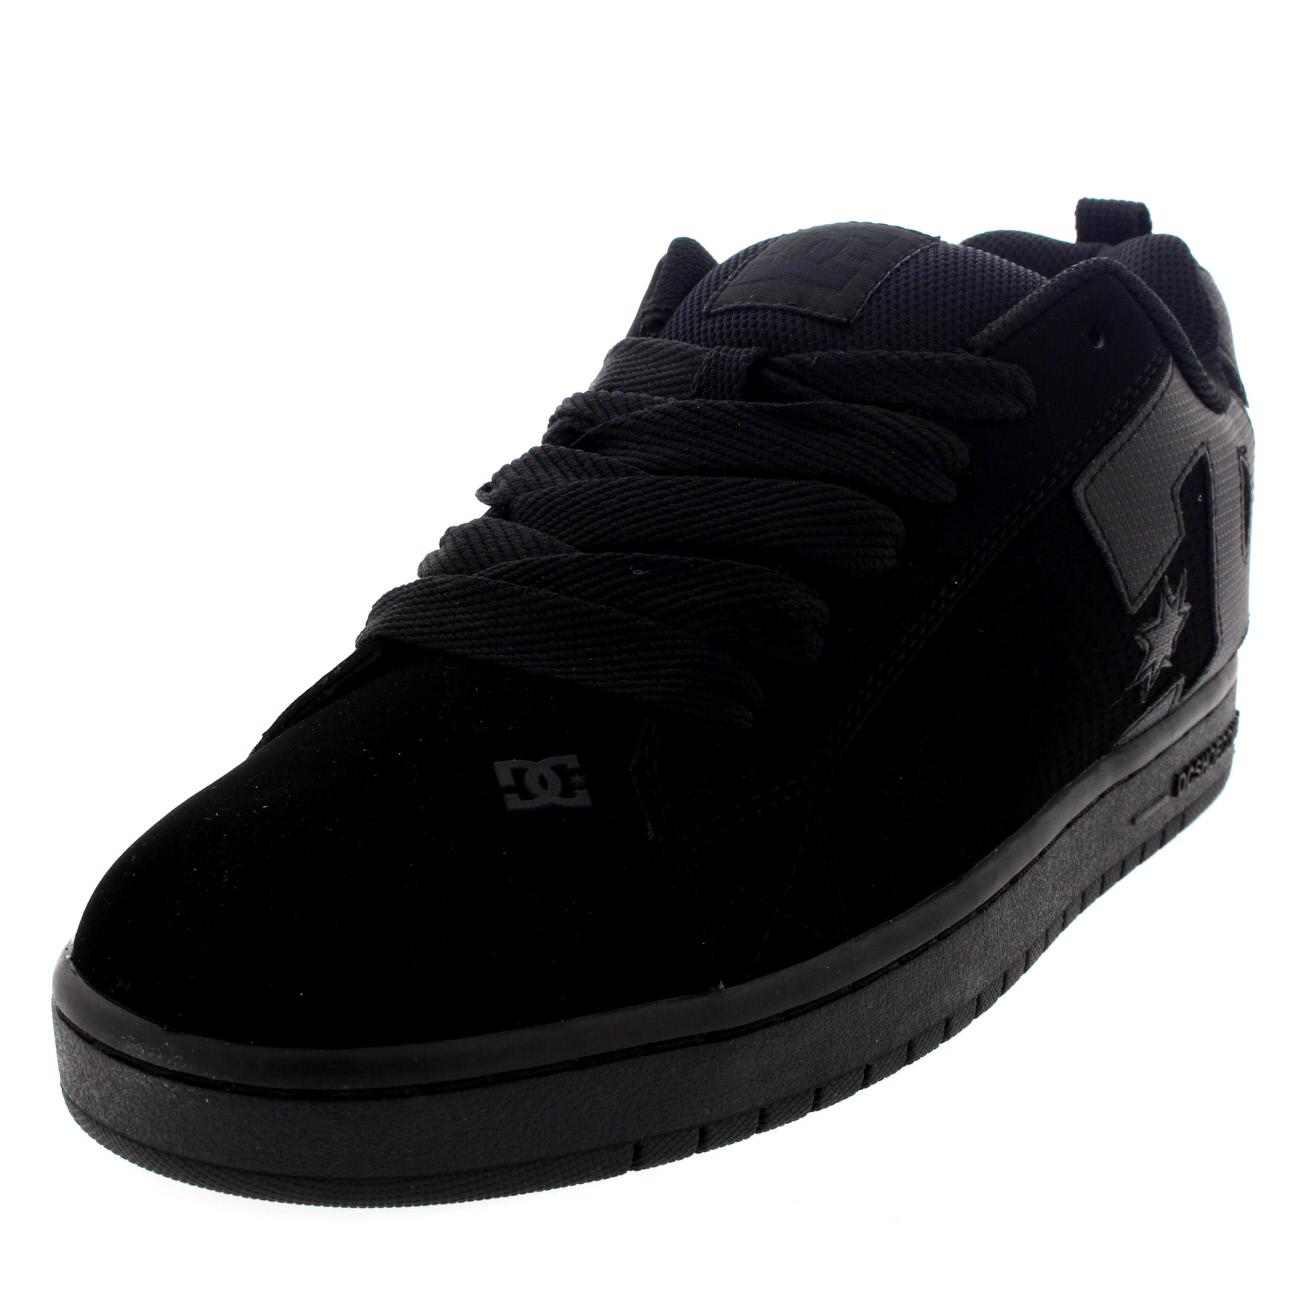 Skate shoes uk - Mens Dc Shoes Court Graffik Leather Low Top